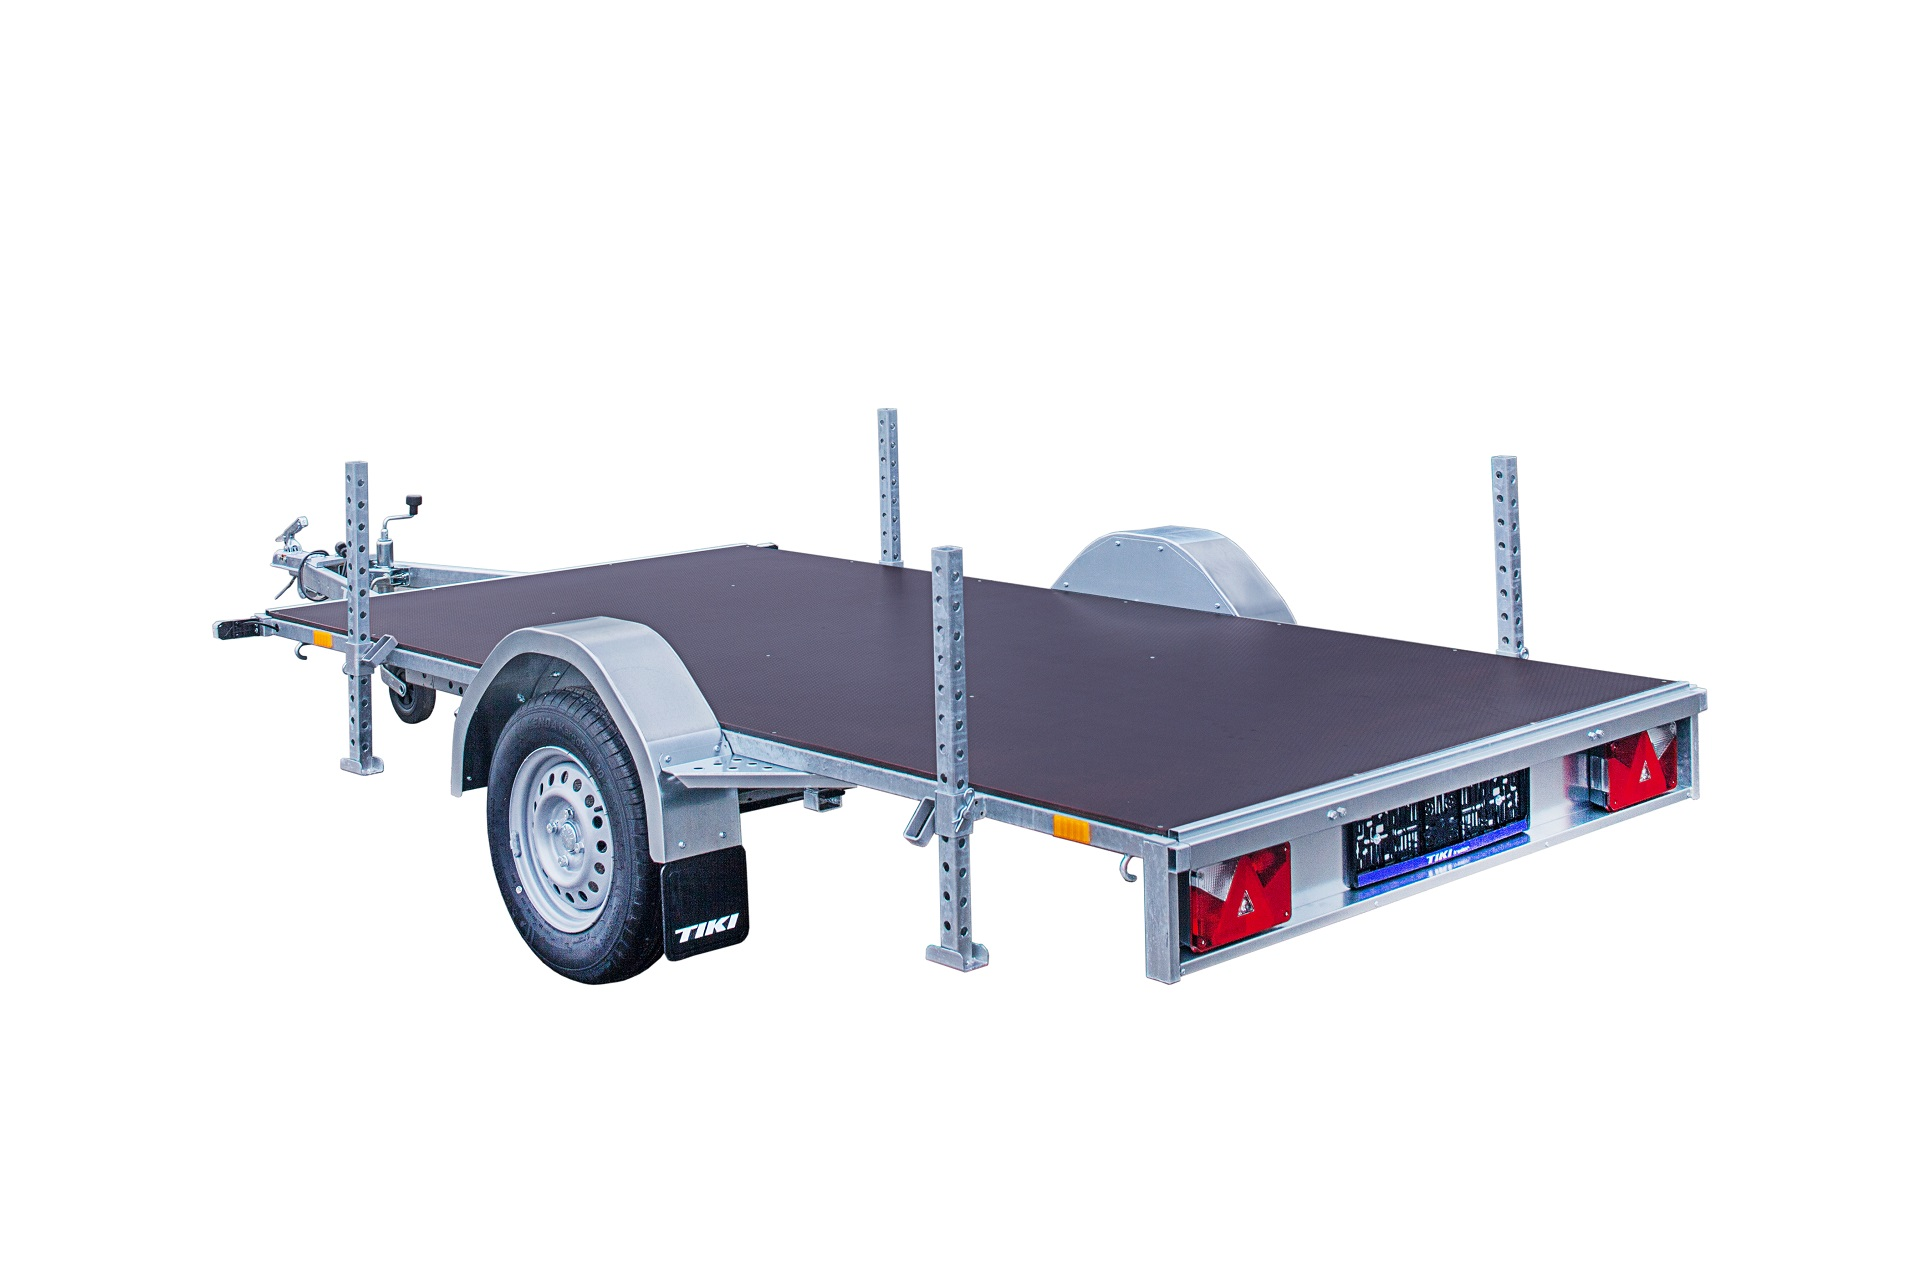 CP300-L/FLAT [Priekabų standartinė įranga gali skirtis nuo pavaizduotos komplektacijos paveiksliuke]